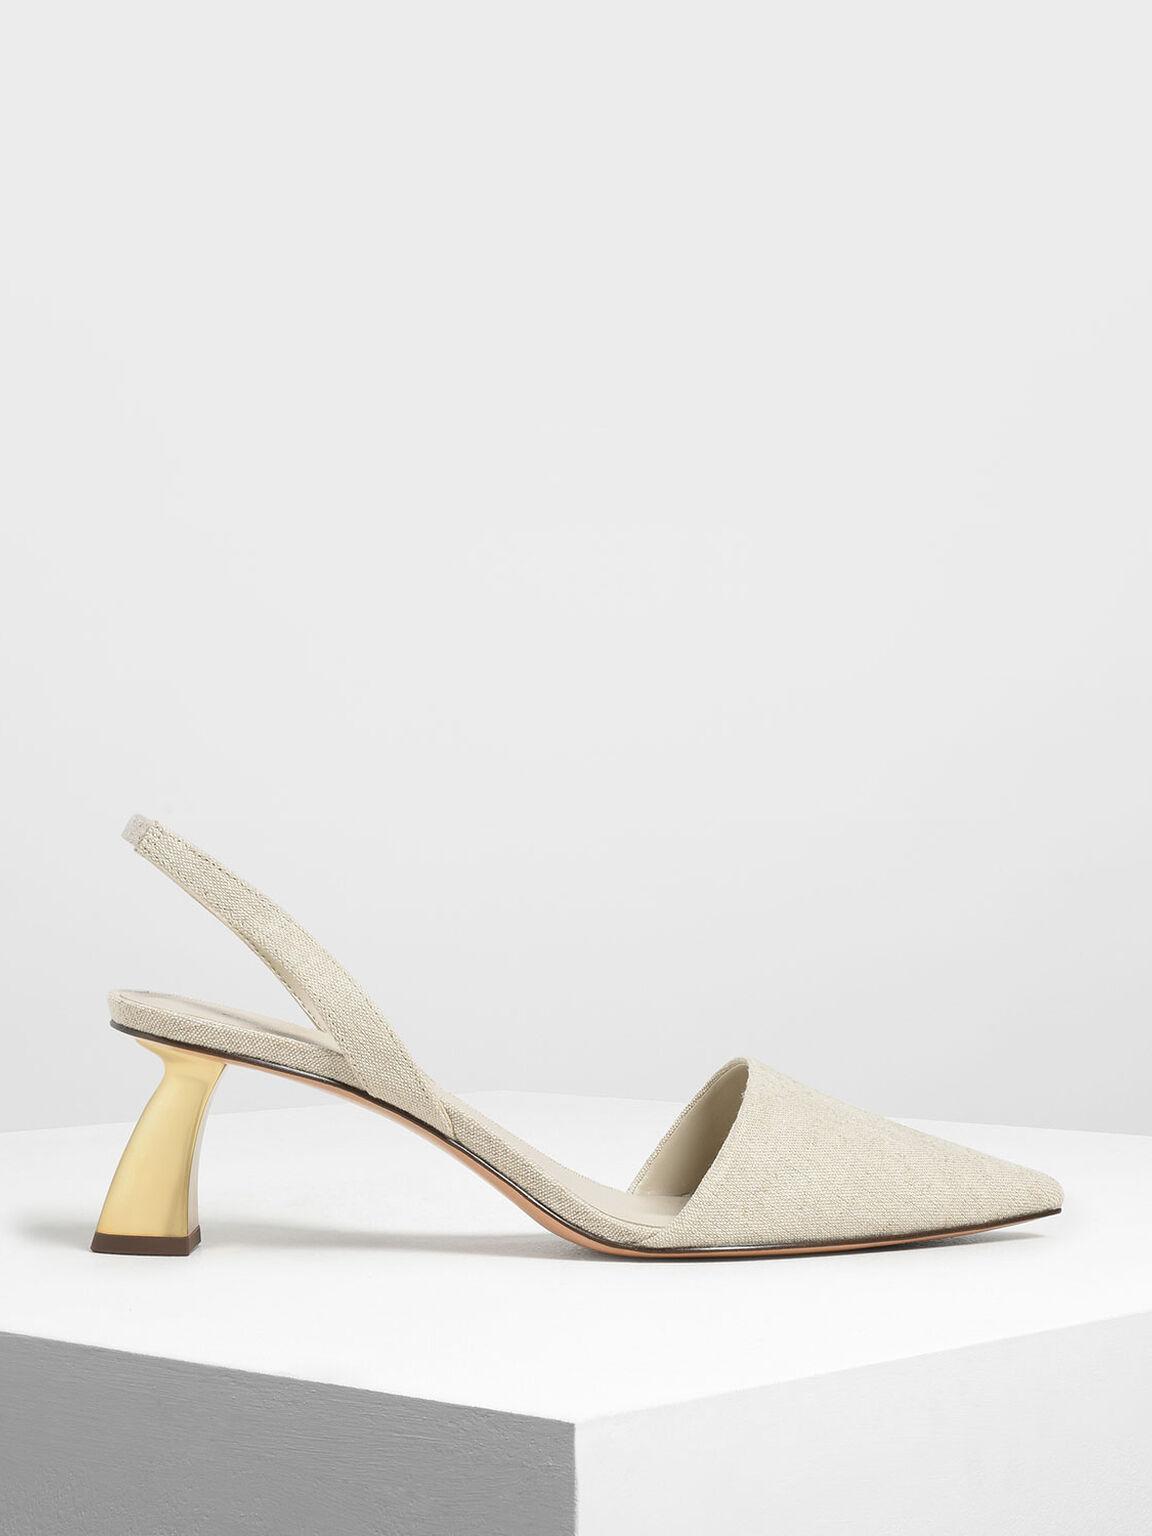 Linen Sculptural Heel Slingback Pumps, Taupe, hi-res